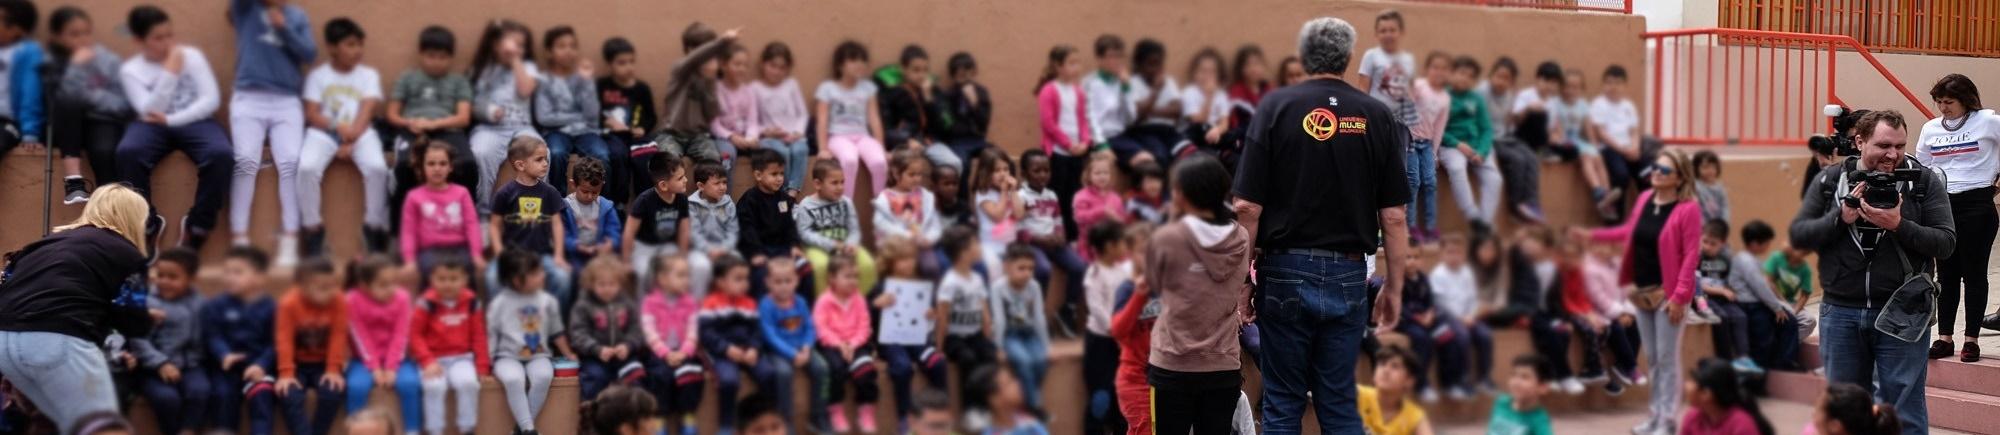 """Más de 100 escolares del CEIP San Luis Gonzaga disfrutaron de la actividad """"La Copa del Mundo para Todos"""""""